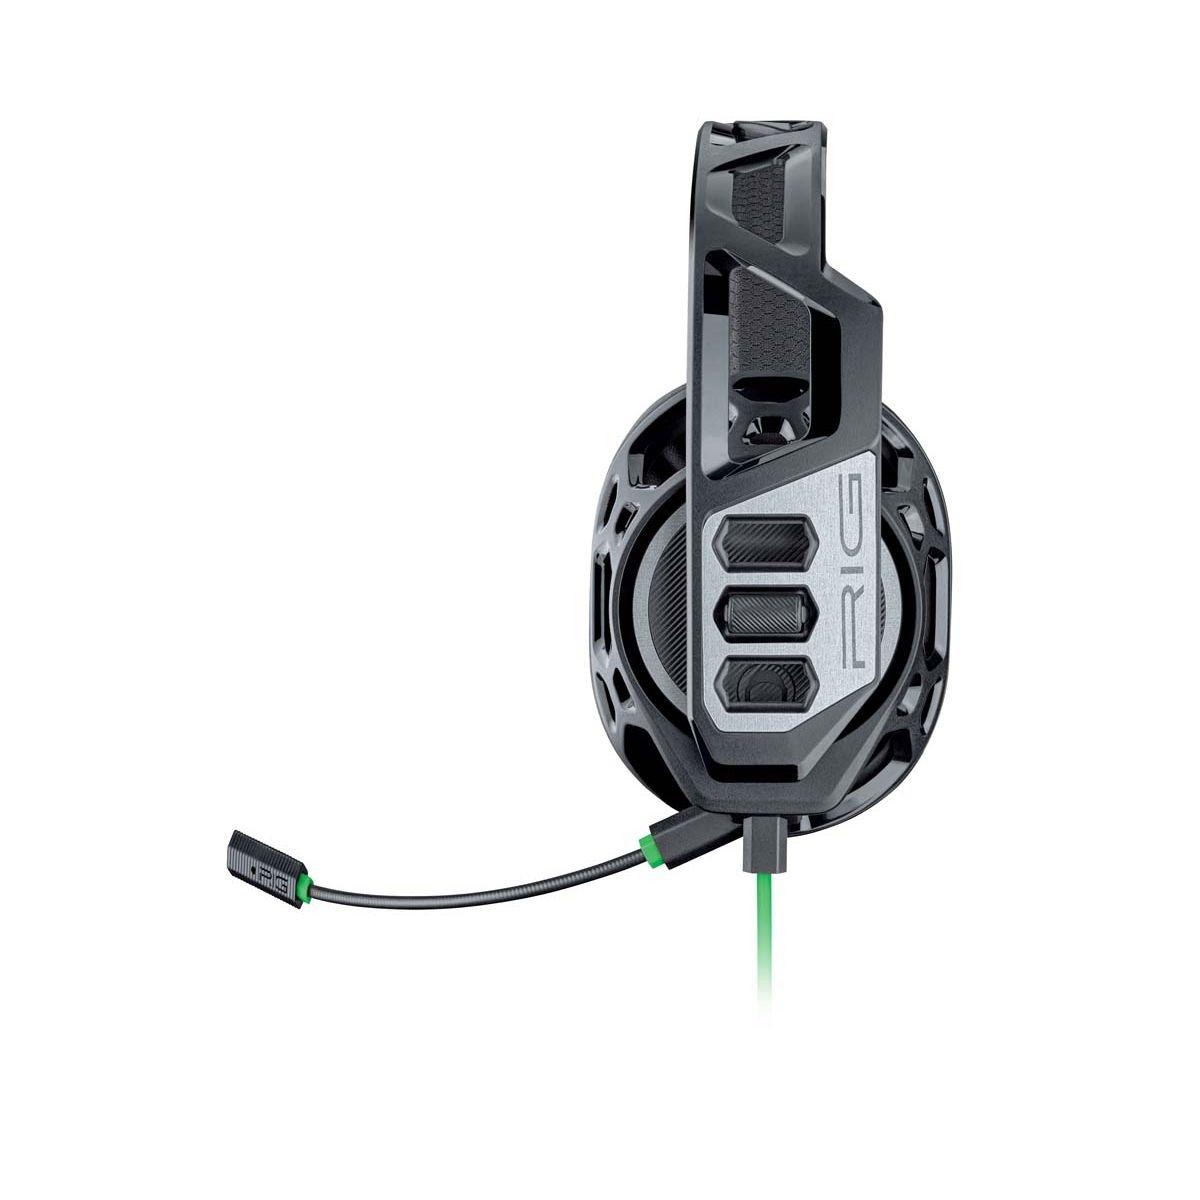 Casque Plantronics RIG 100HX. Casque de chat filaire licencié Microsoft pour Xbox One?. Design Exosquelette